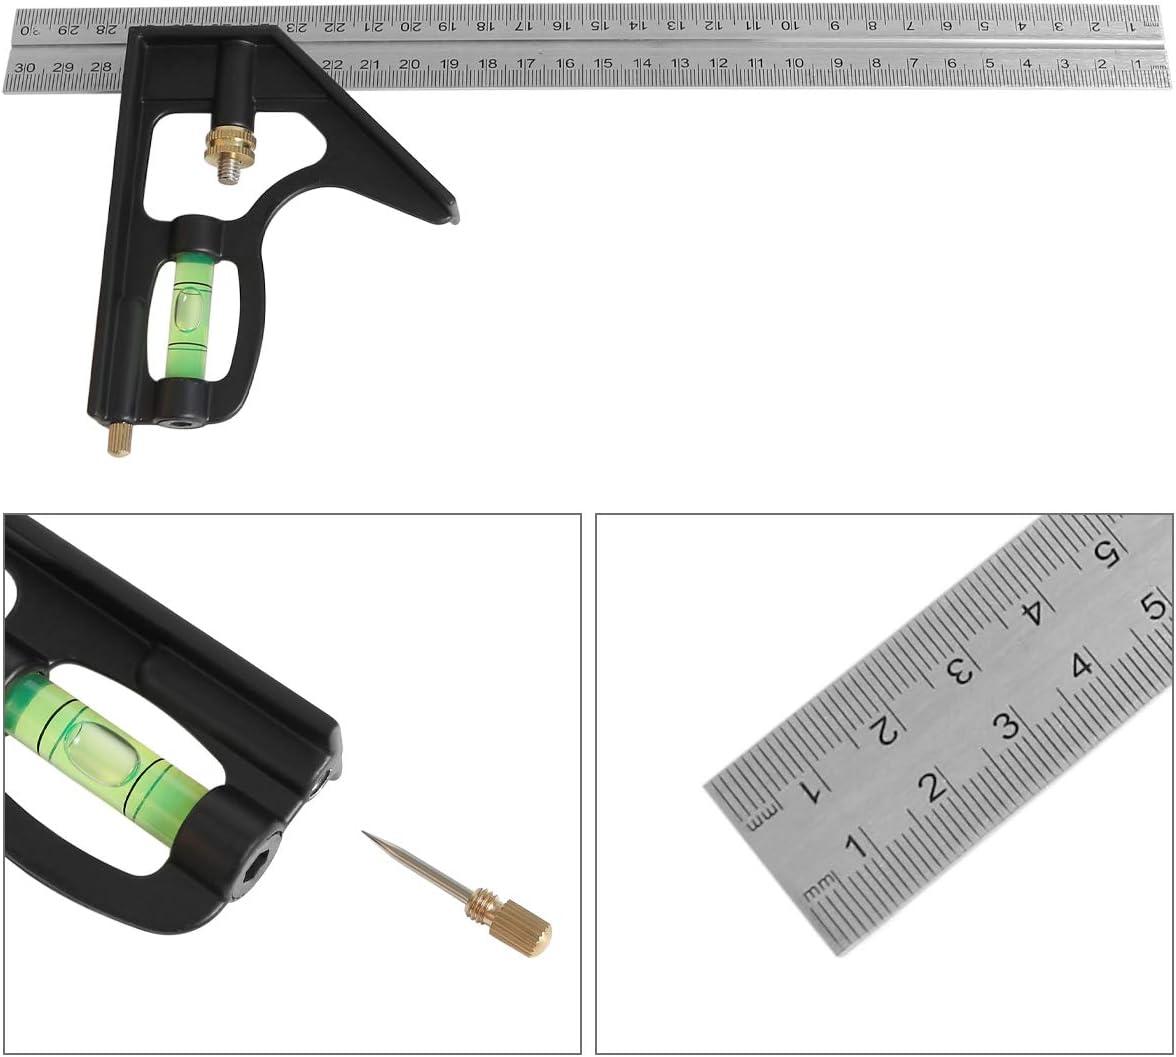 Outil de mesure /à angle droit Combinaison carr/ée universelle universelle en acier inoxydable noir 30,5 cm